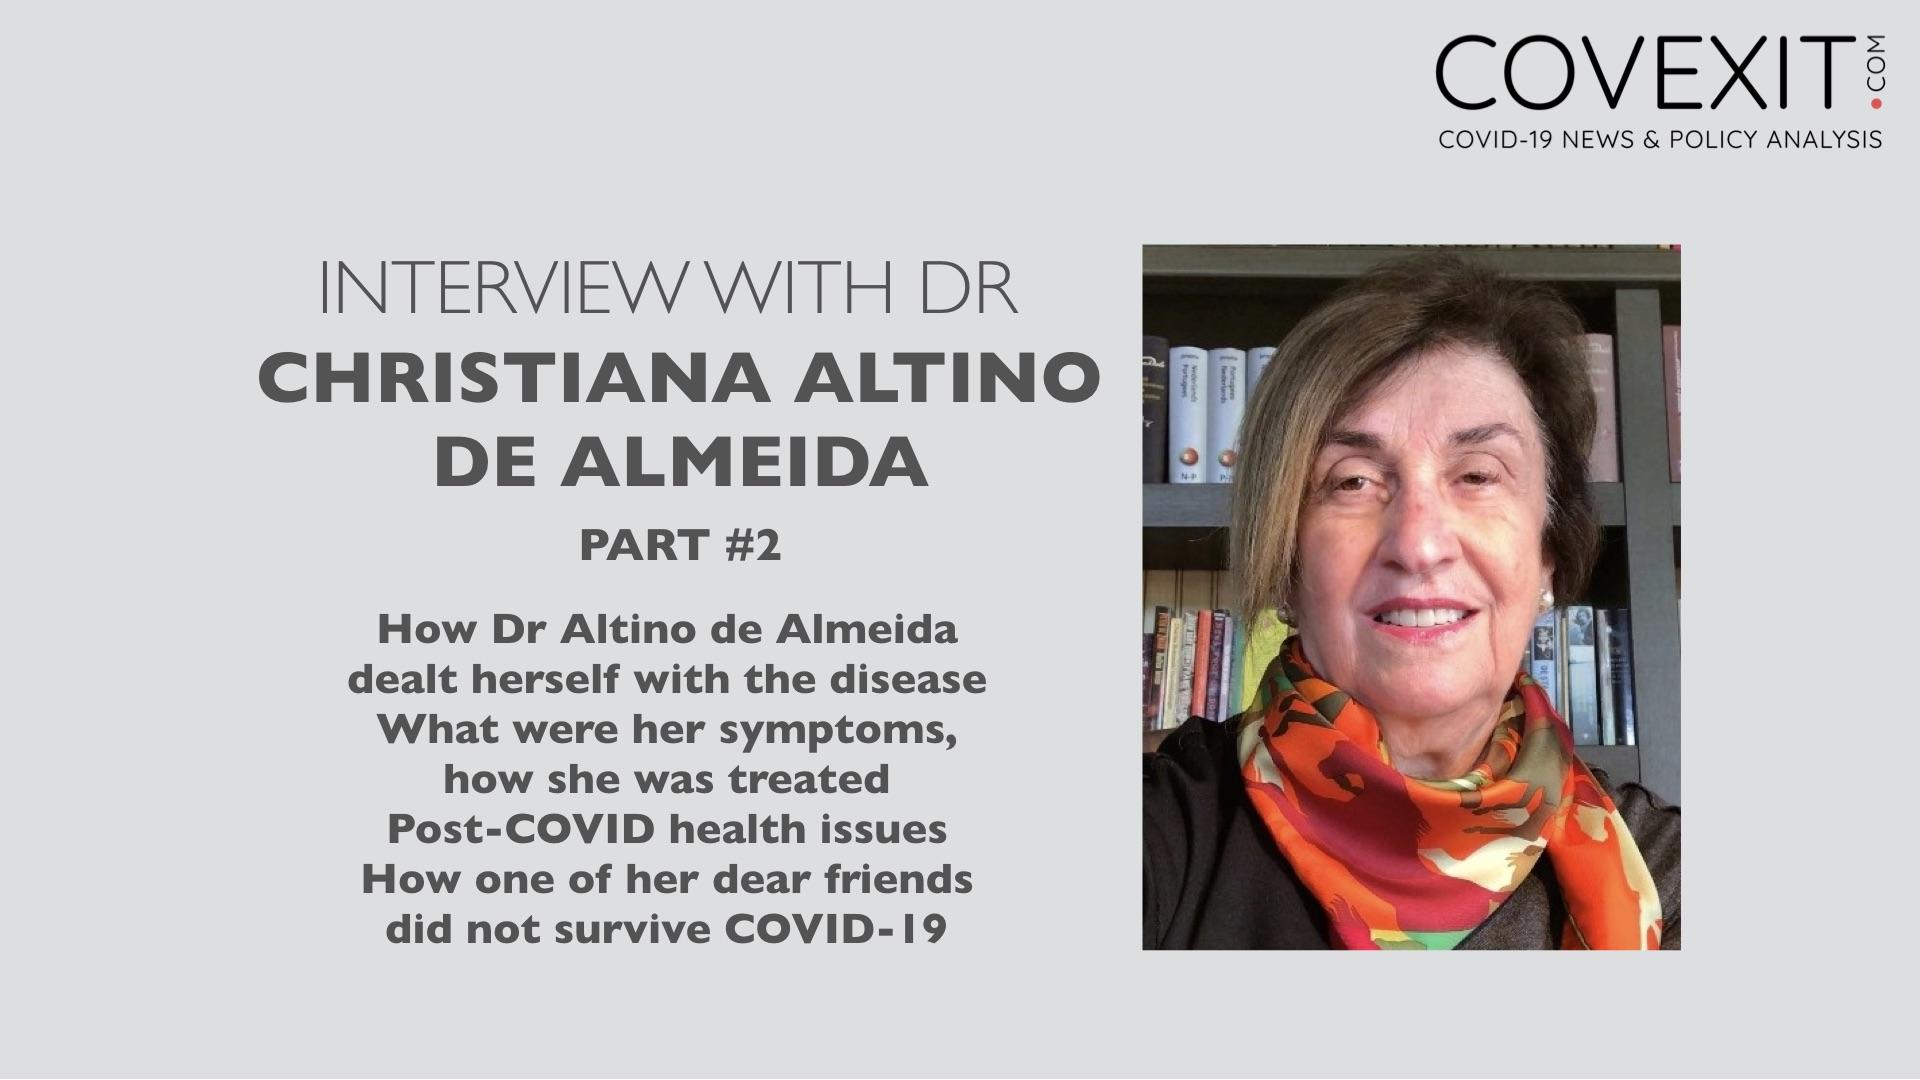 Interview with Dr Altino de Almeida - Part 2